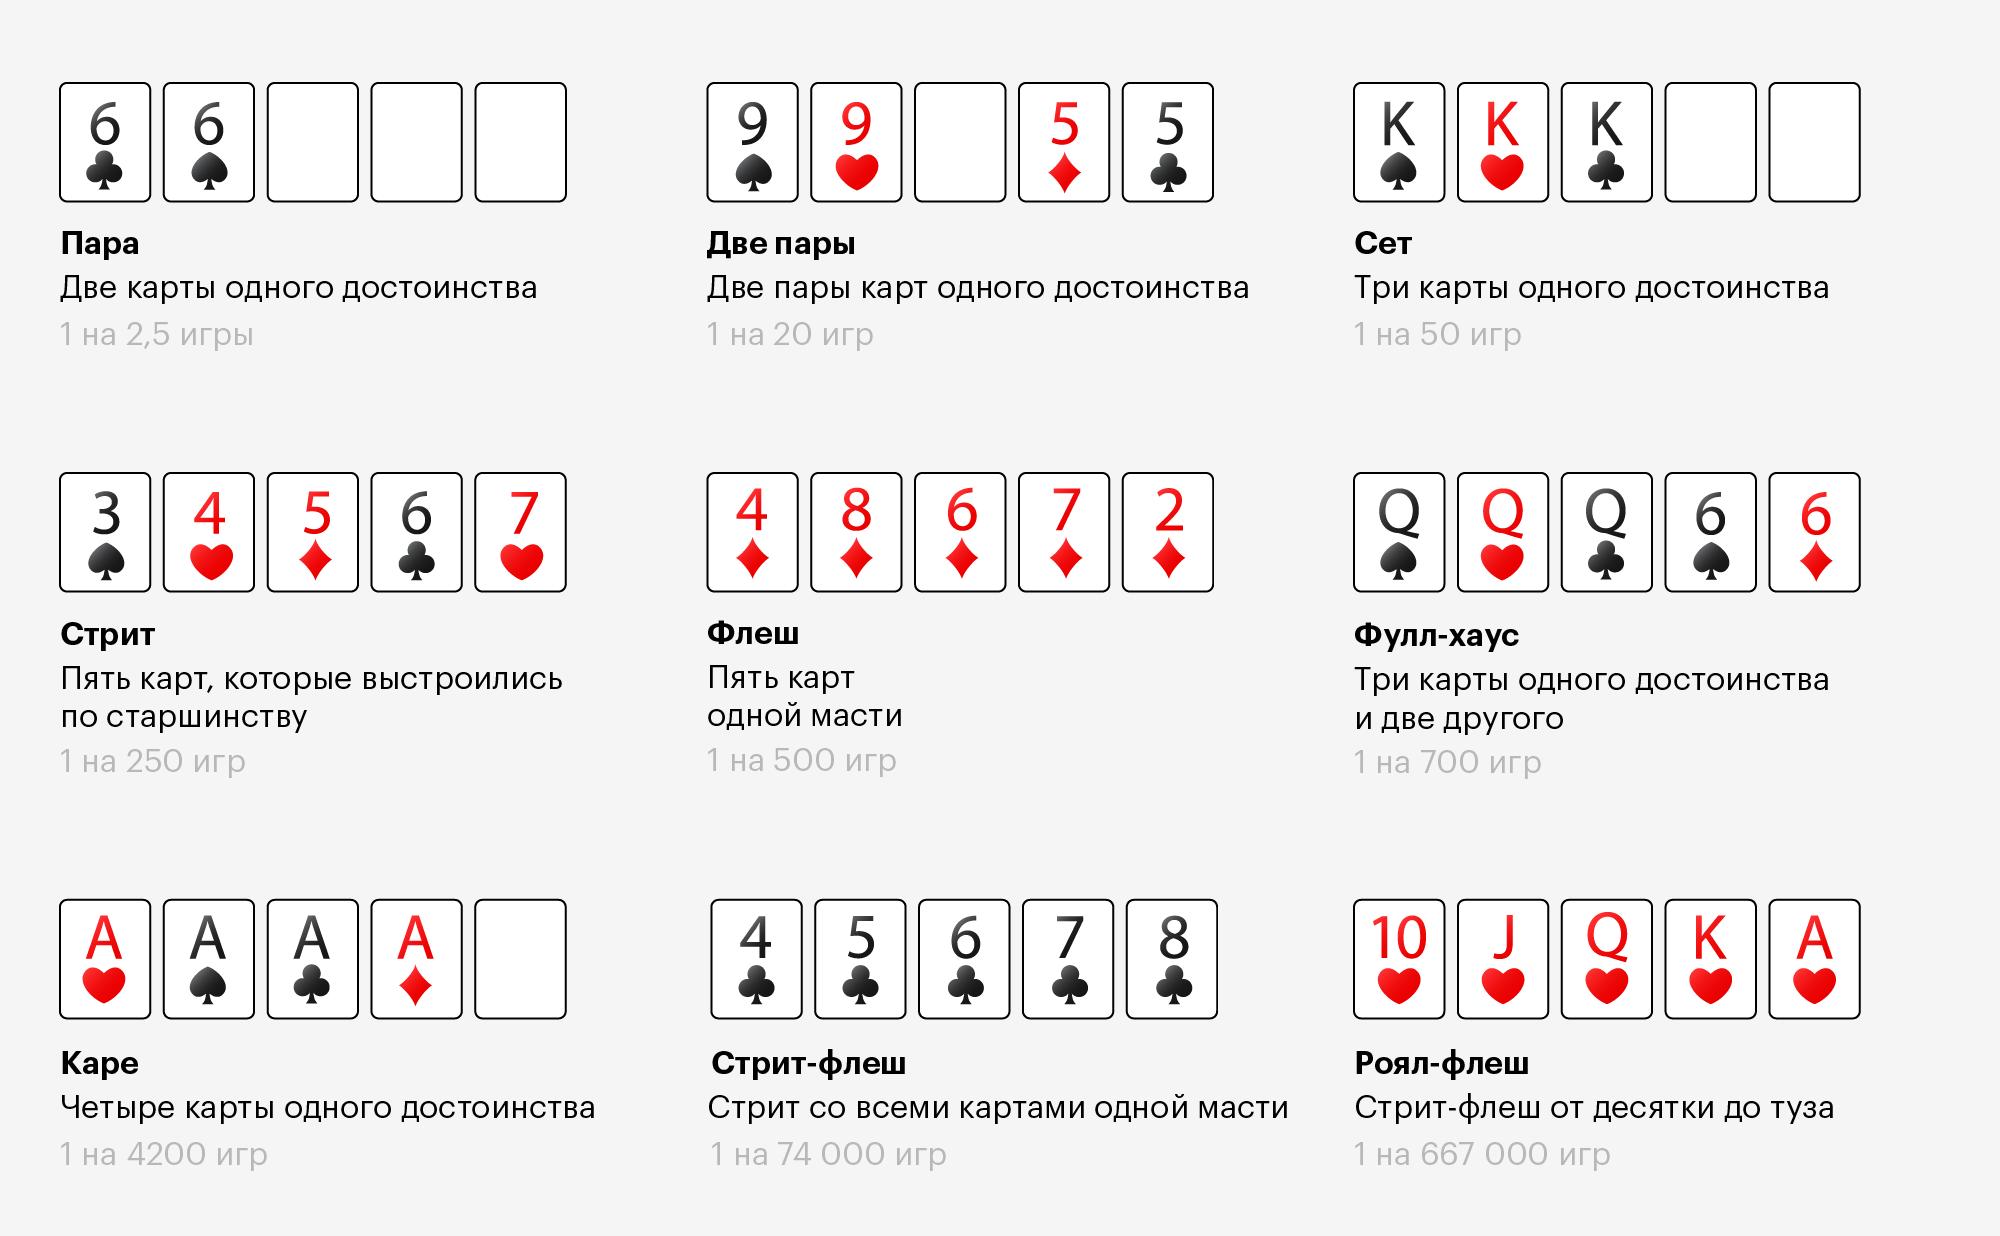 Партия покера на онлайне играть в классные танки редактор карты